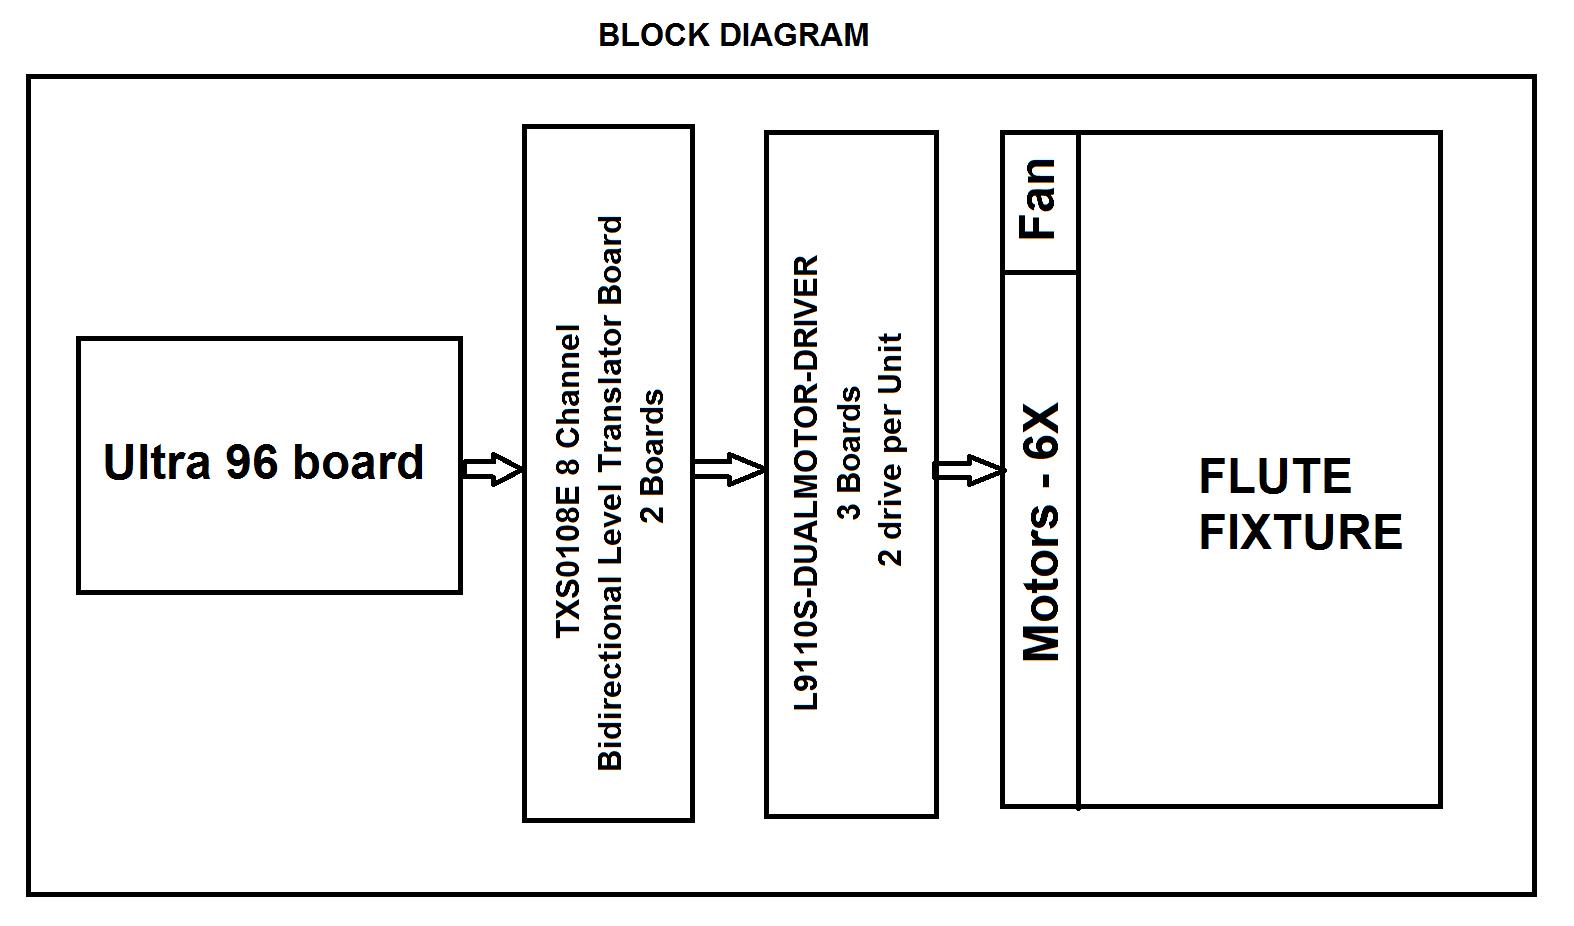 Flute Still Diagram | Wiring Diagram